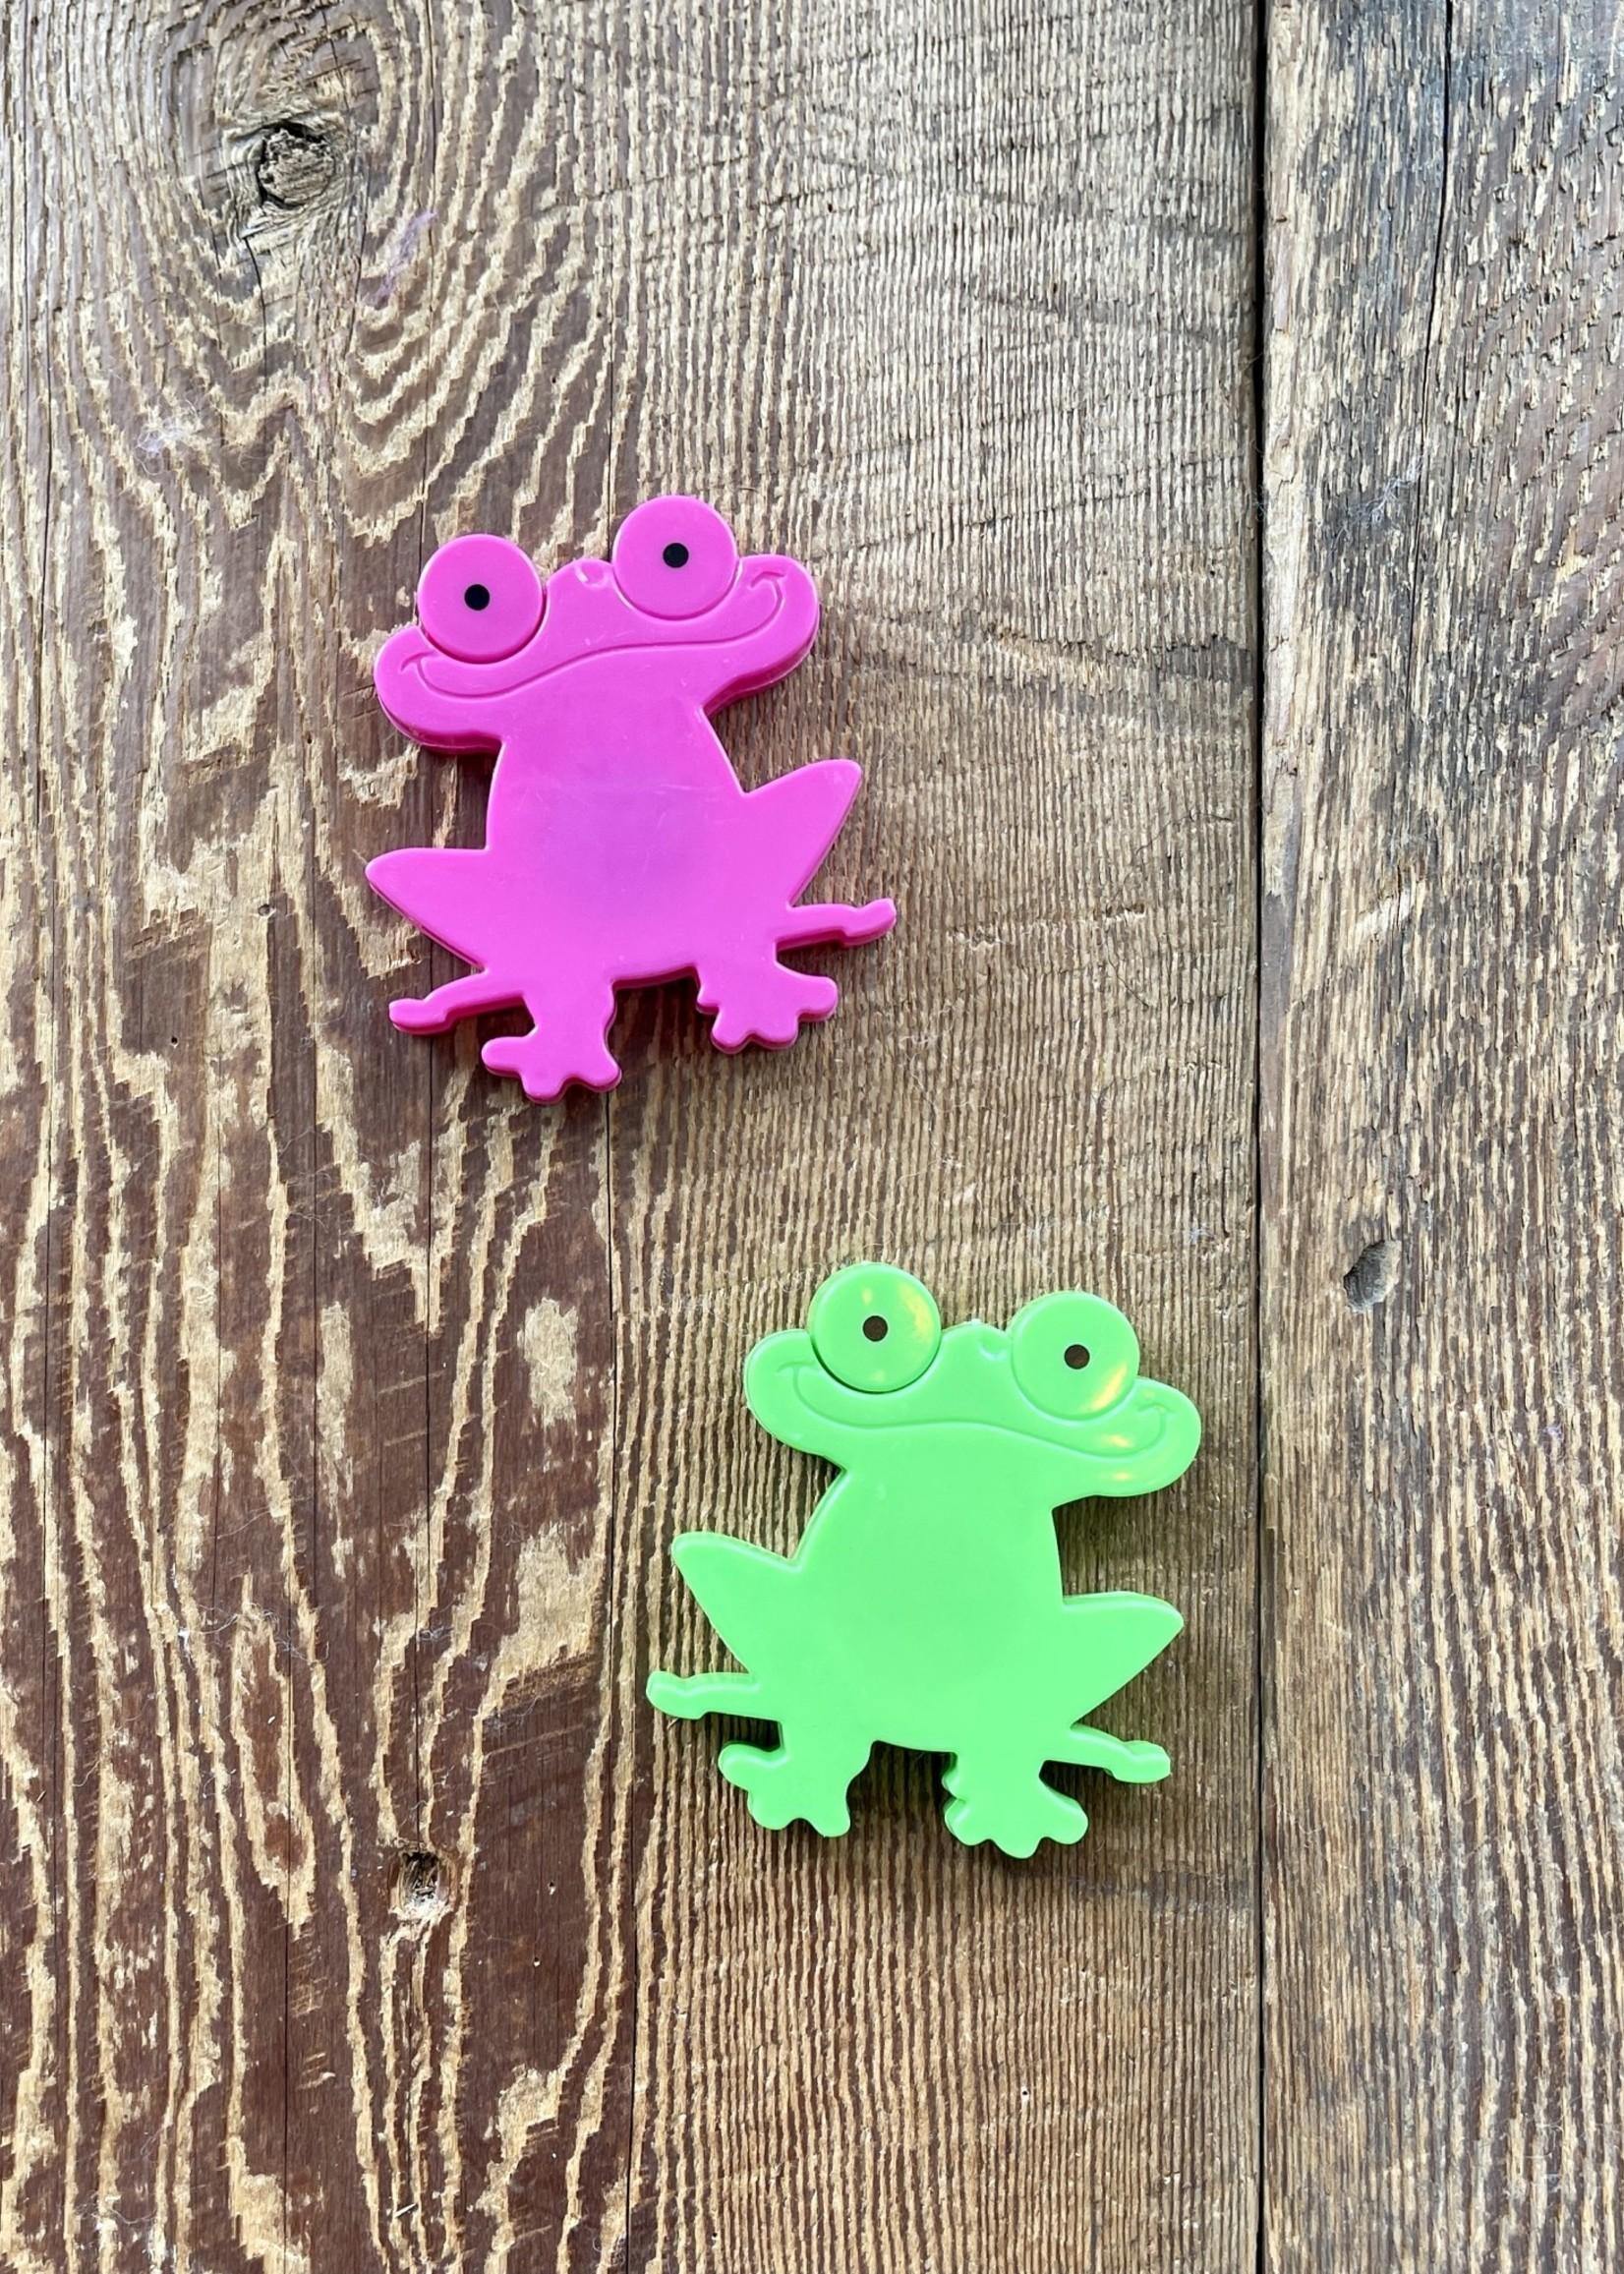 N. Jefferson Jumpy Frog Tape Measure